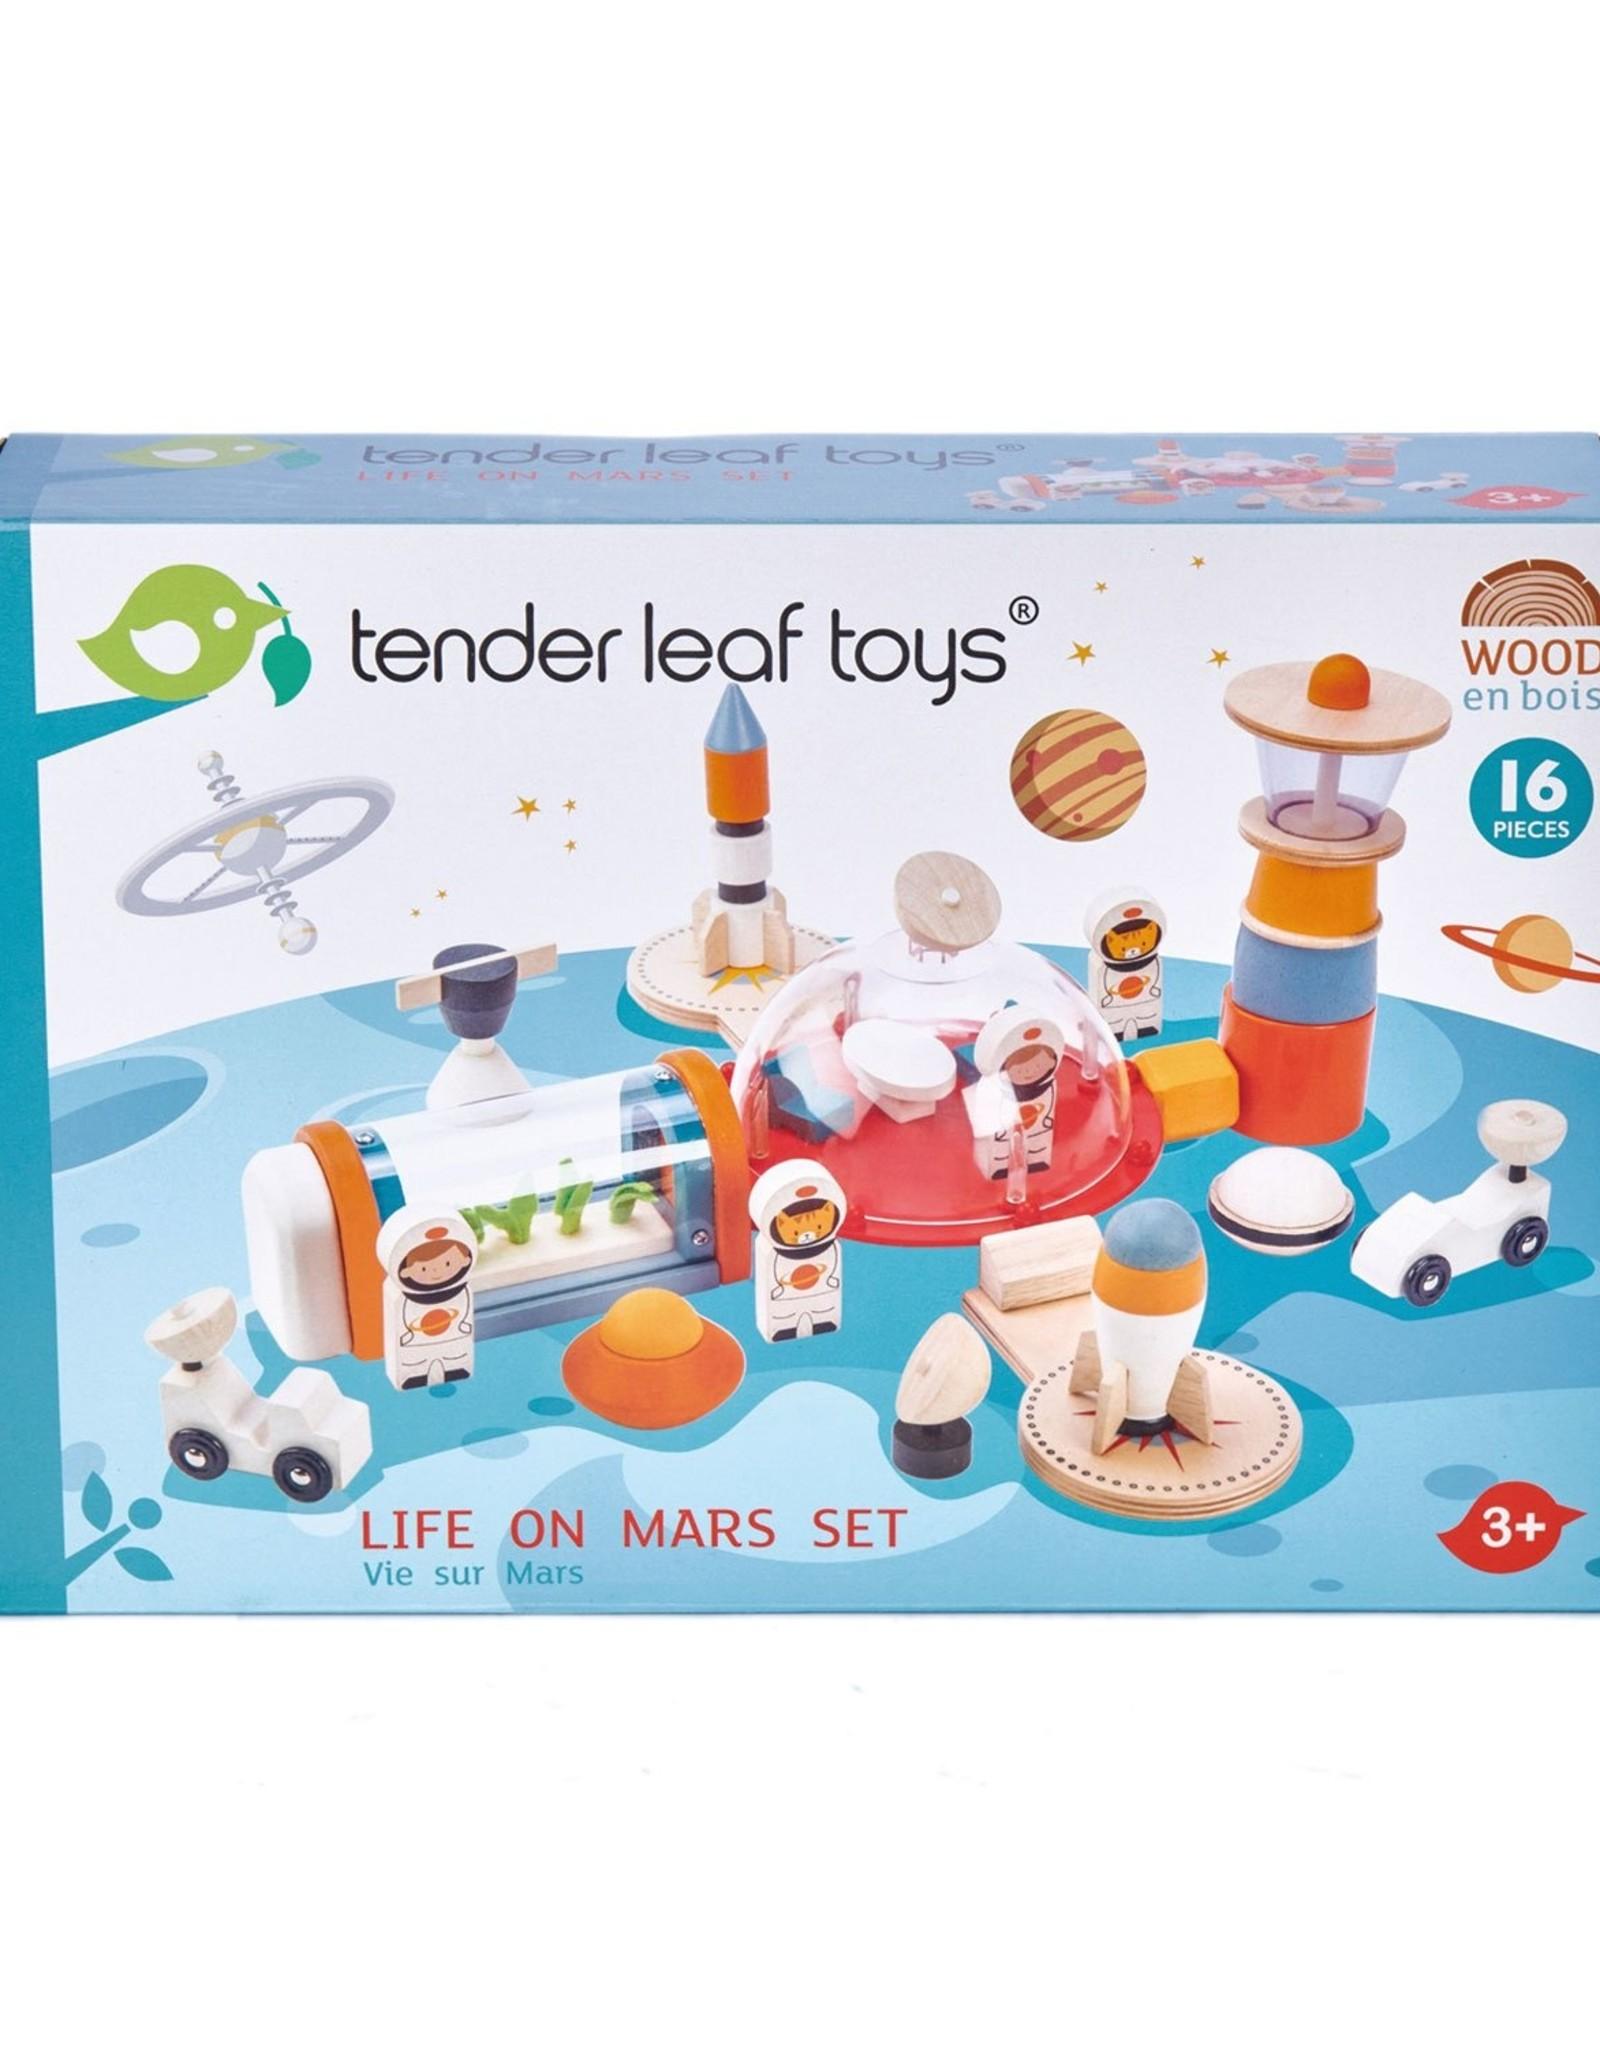 Tender leaf toys Life on Mars Set